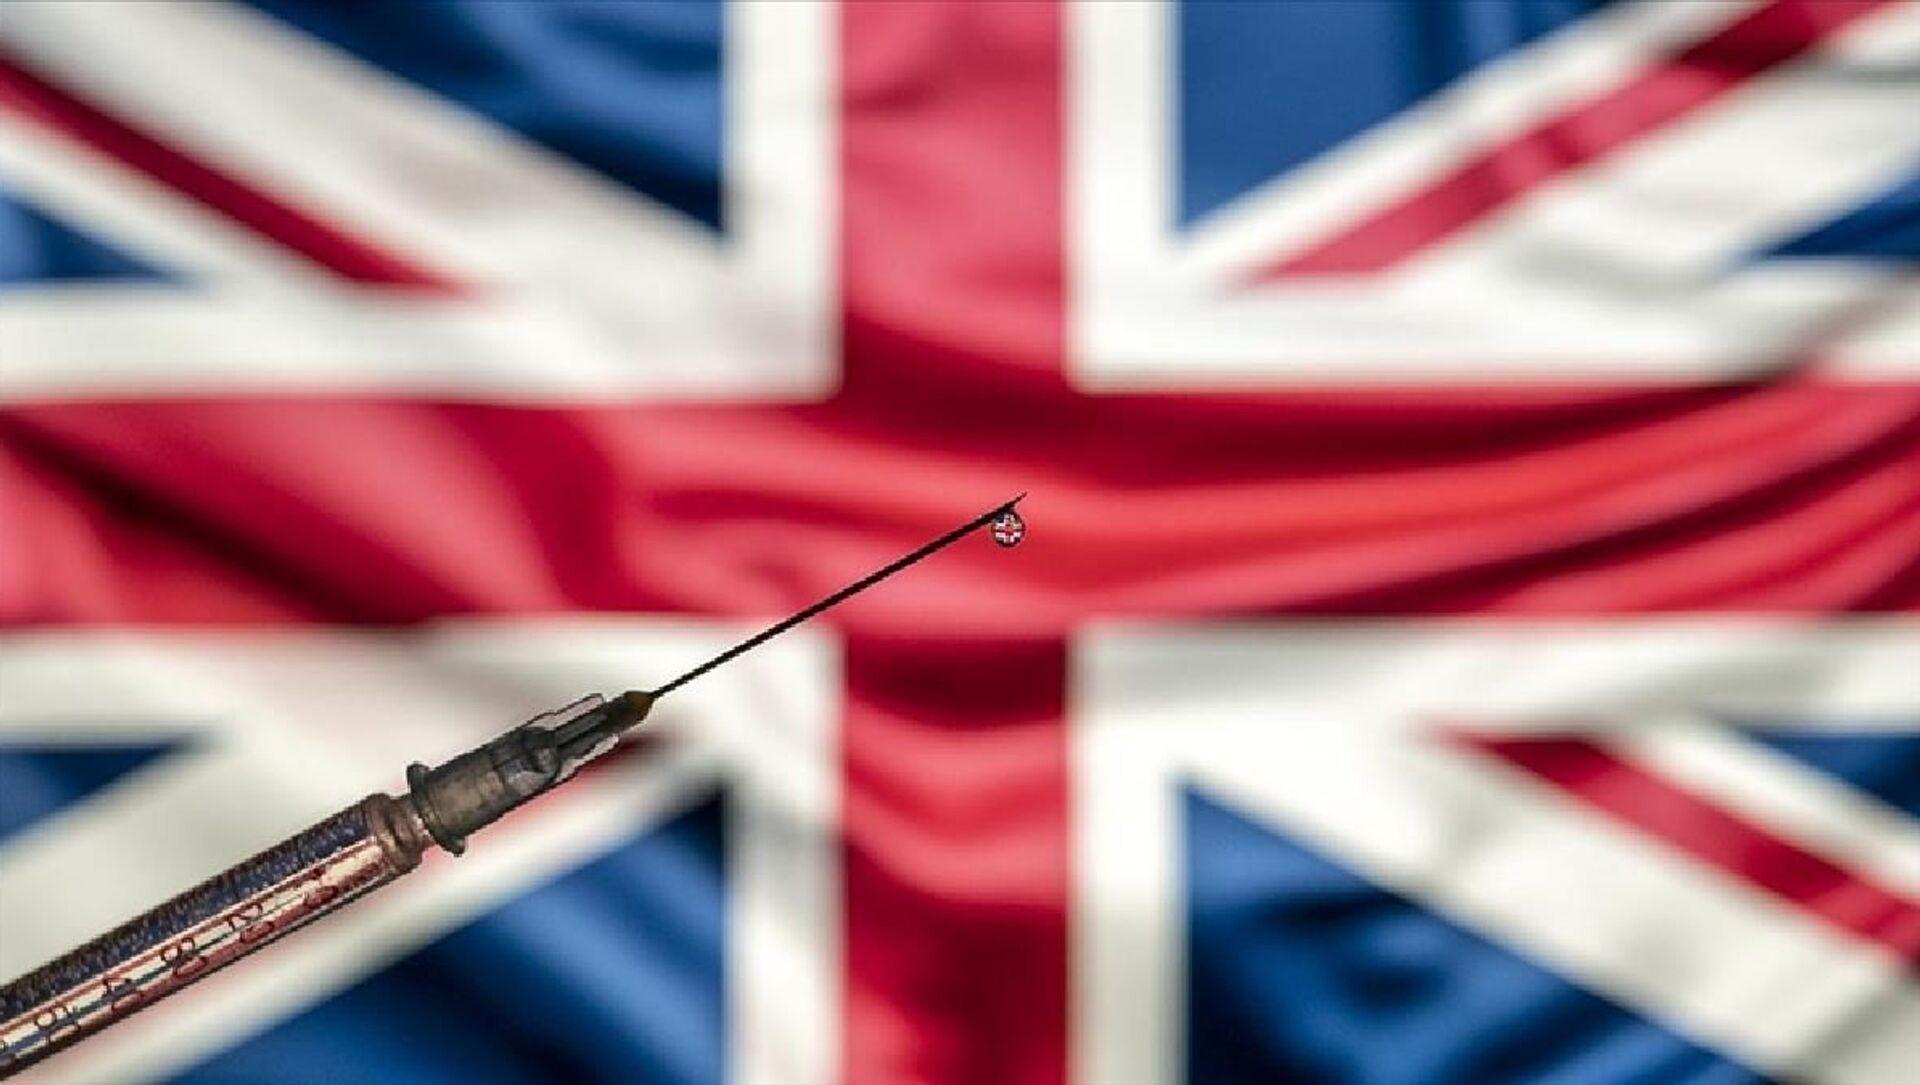 İngiltere-koronavirüs aşısı-aşılama - Sputnik Türkiye, 1920, 09.04.2021